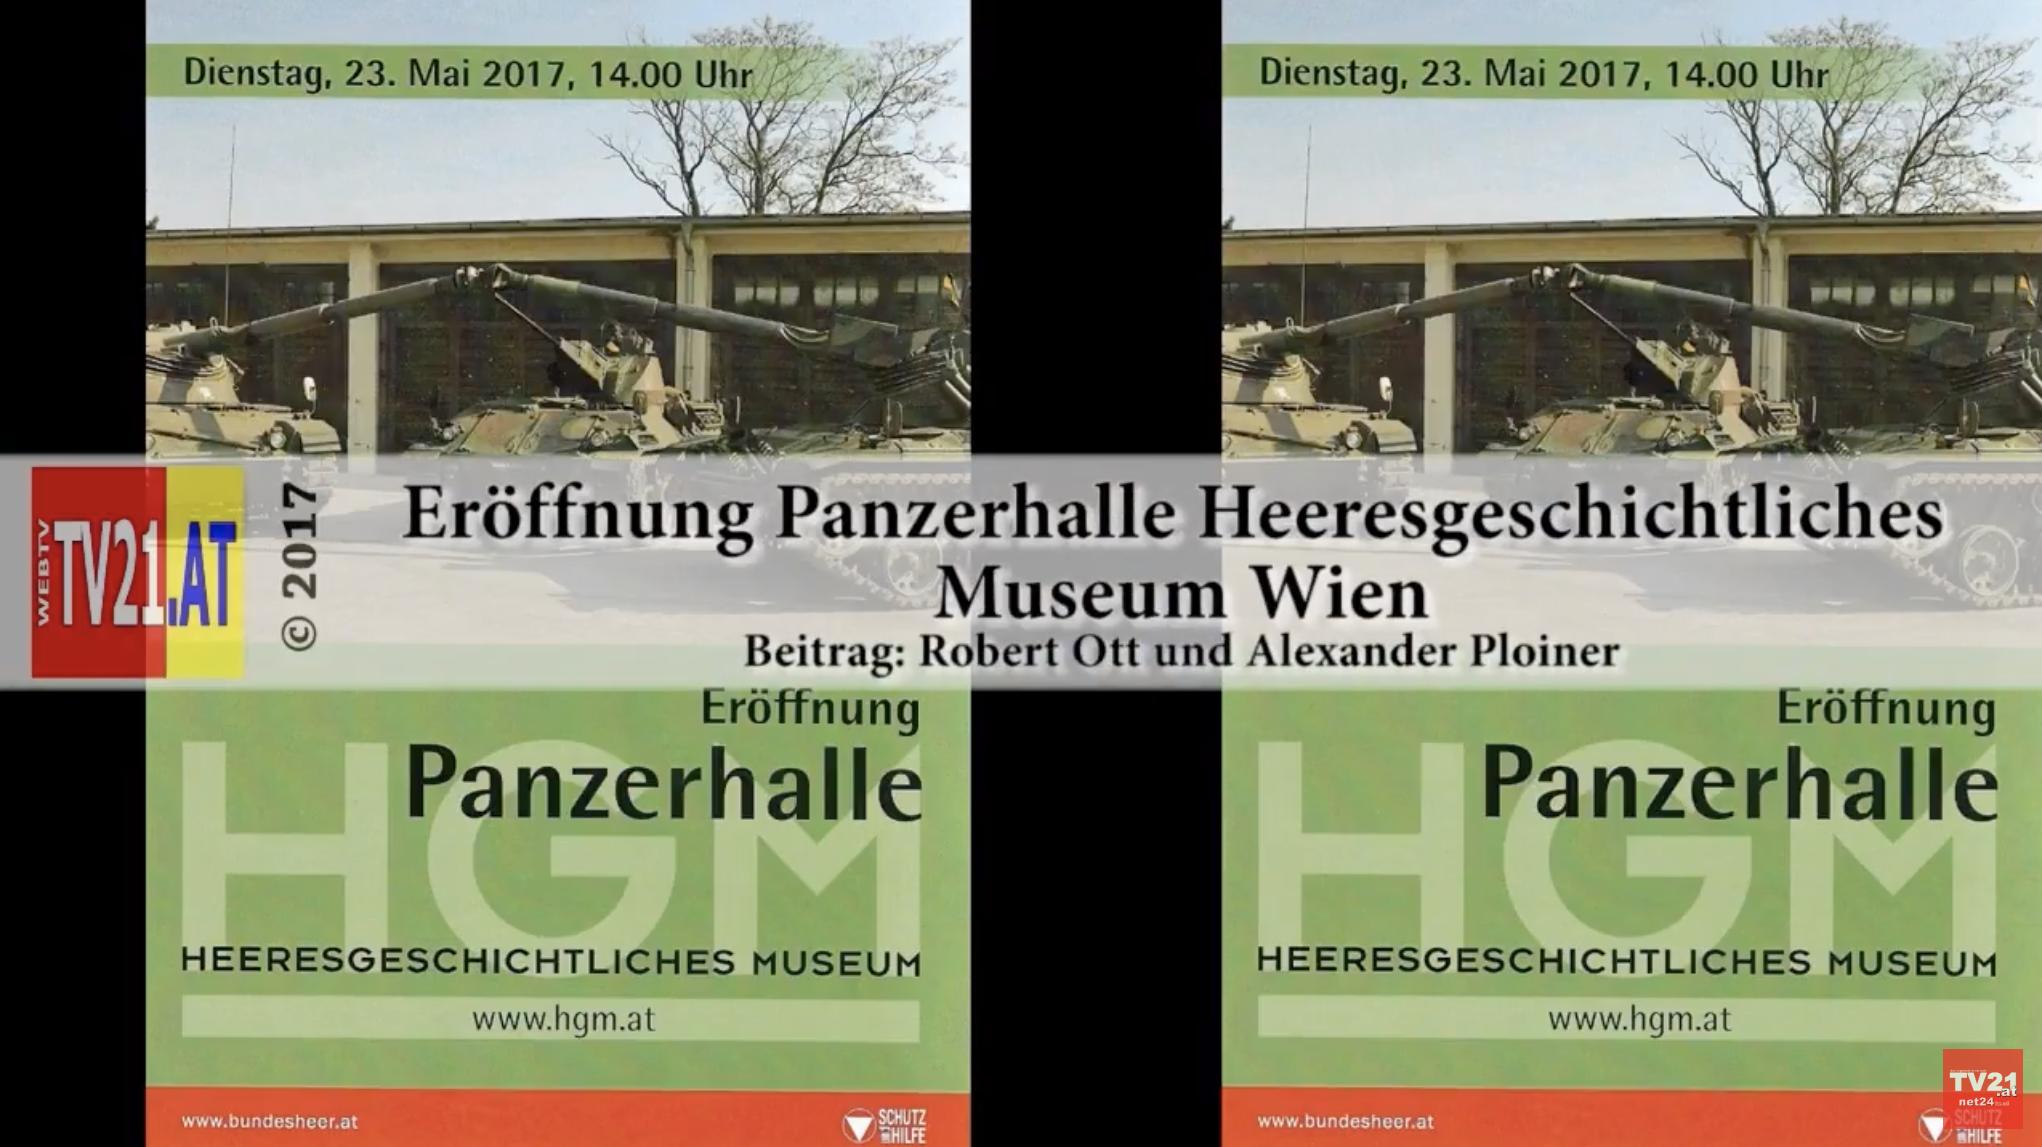 Video der Eröffnung der Panzerhalle als Ausstellungort (Screenshot YouTube)